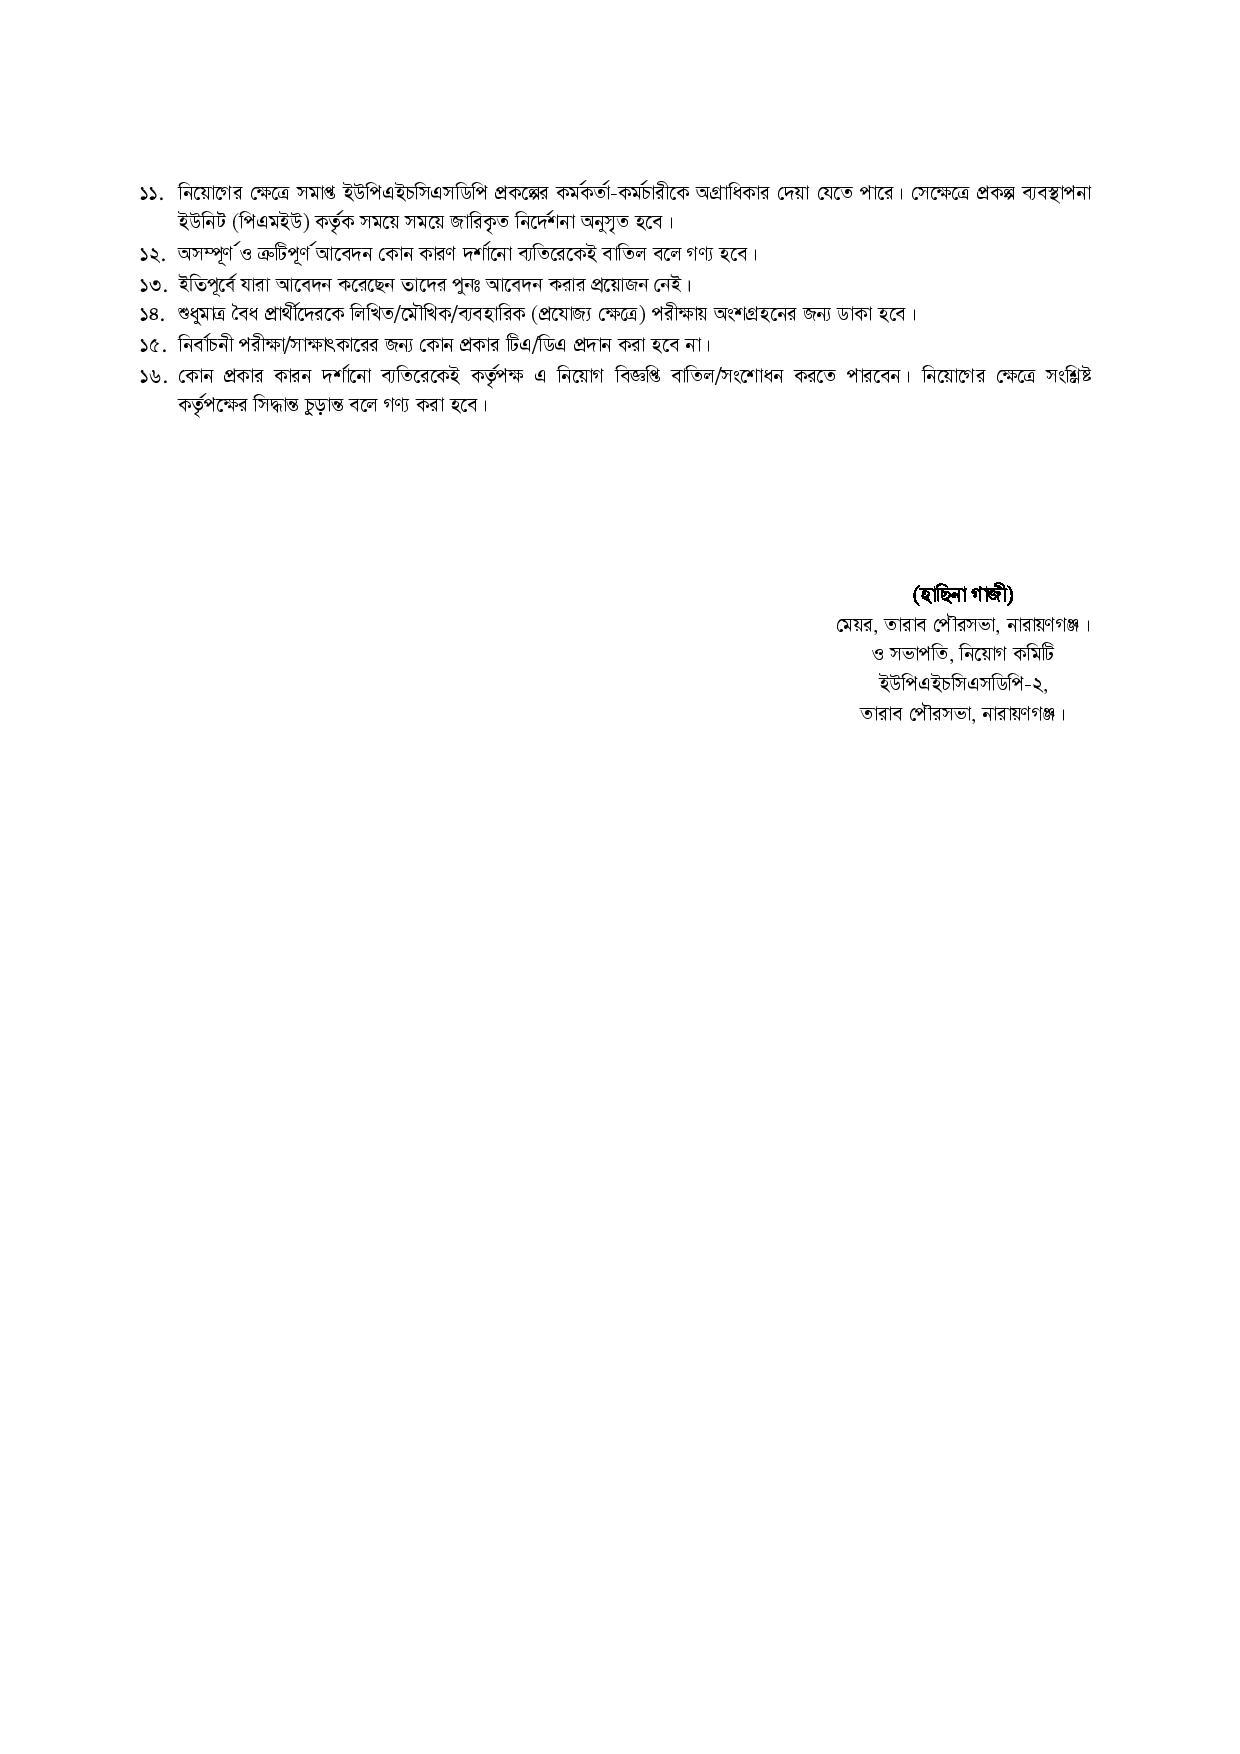 তারাবো পৌরসভা চাকরির নিয়োগ বিজ্ঞপ্তি ২০২১ - Tarabo Municipality Job Circular 2021